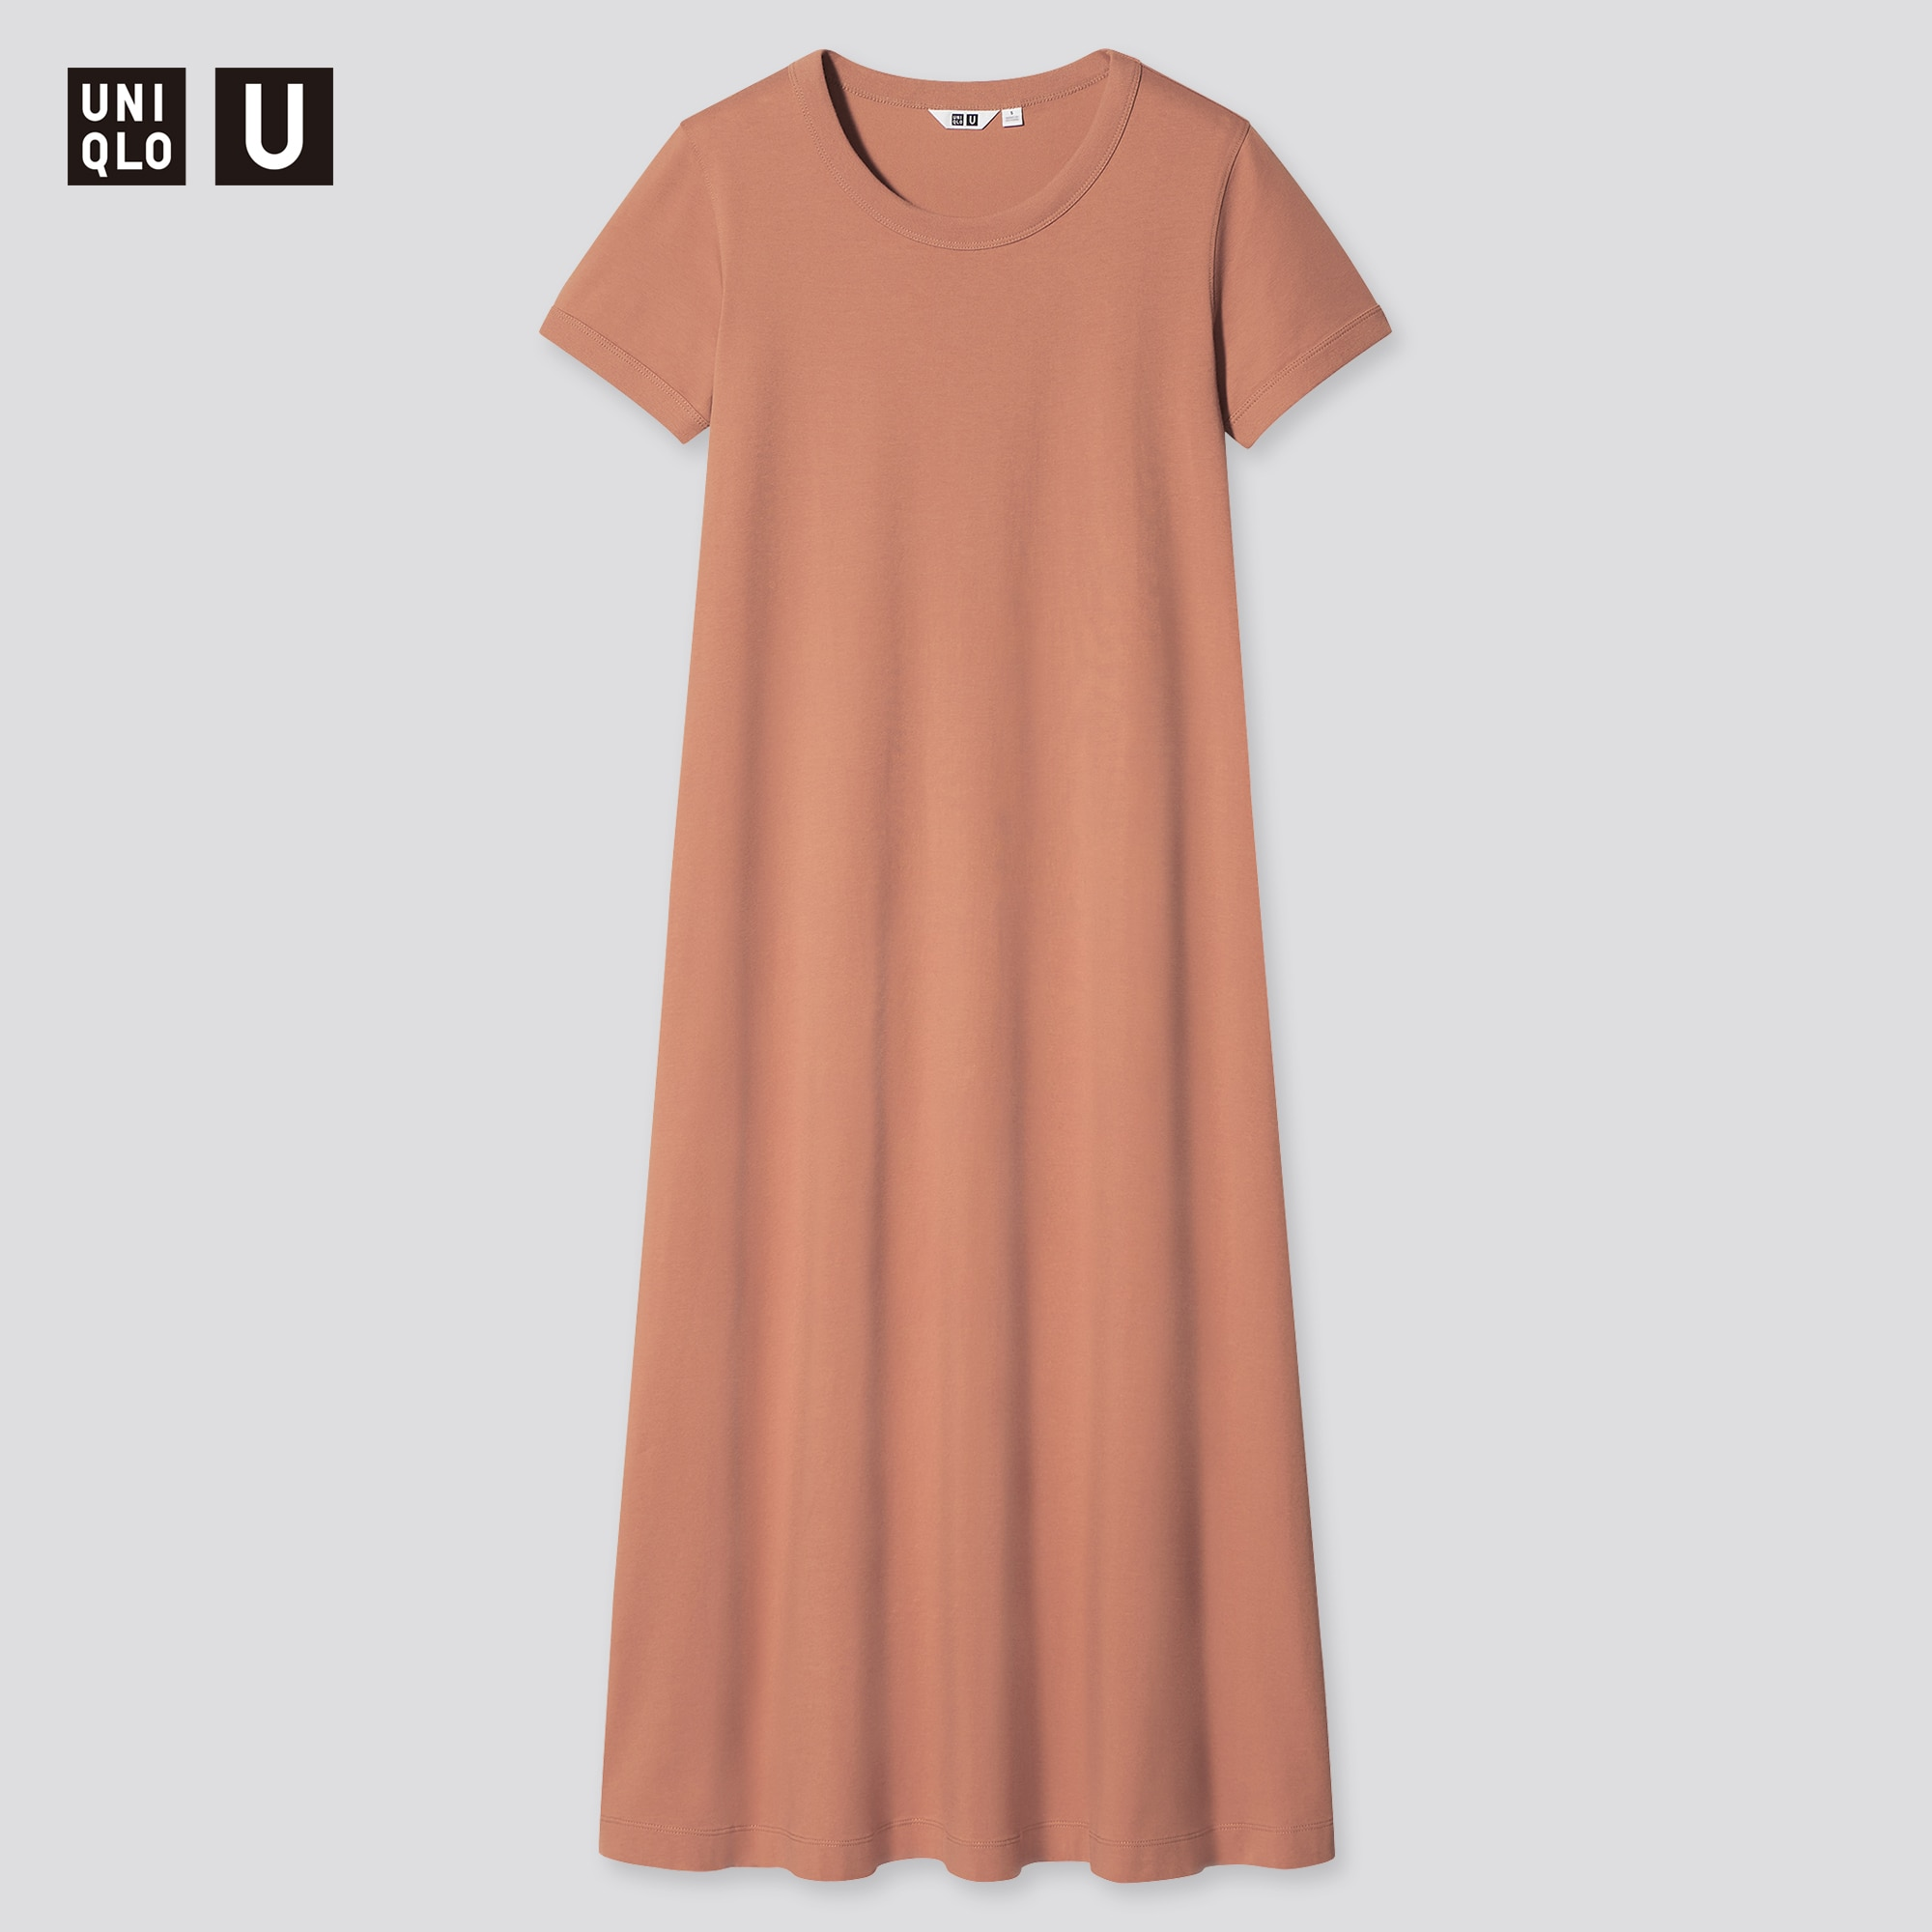 WOMEN U AIRISM COTTON A-LINE SHORT-SLEEVE LONG DRESS